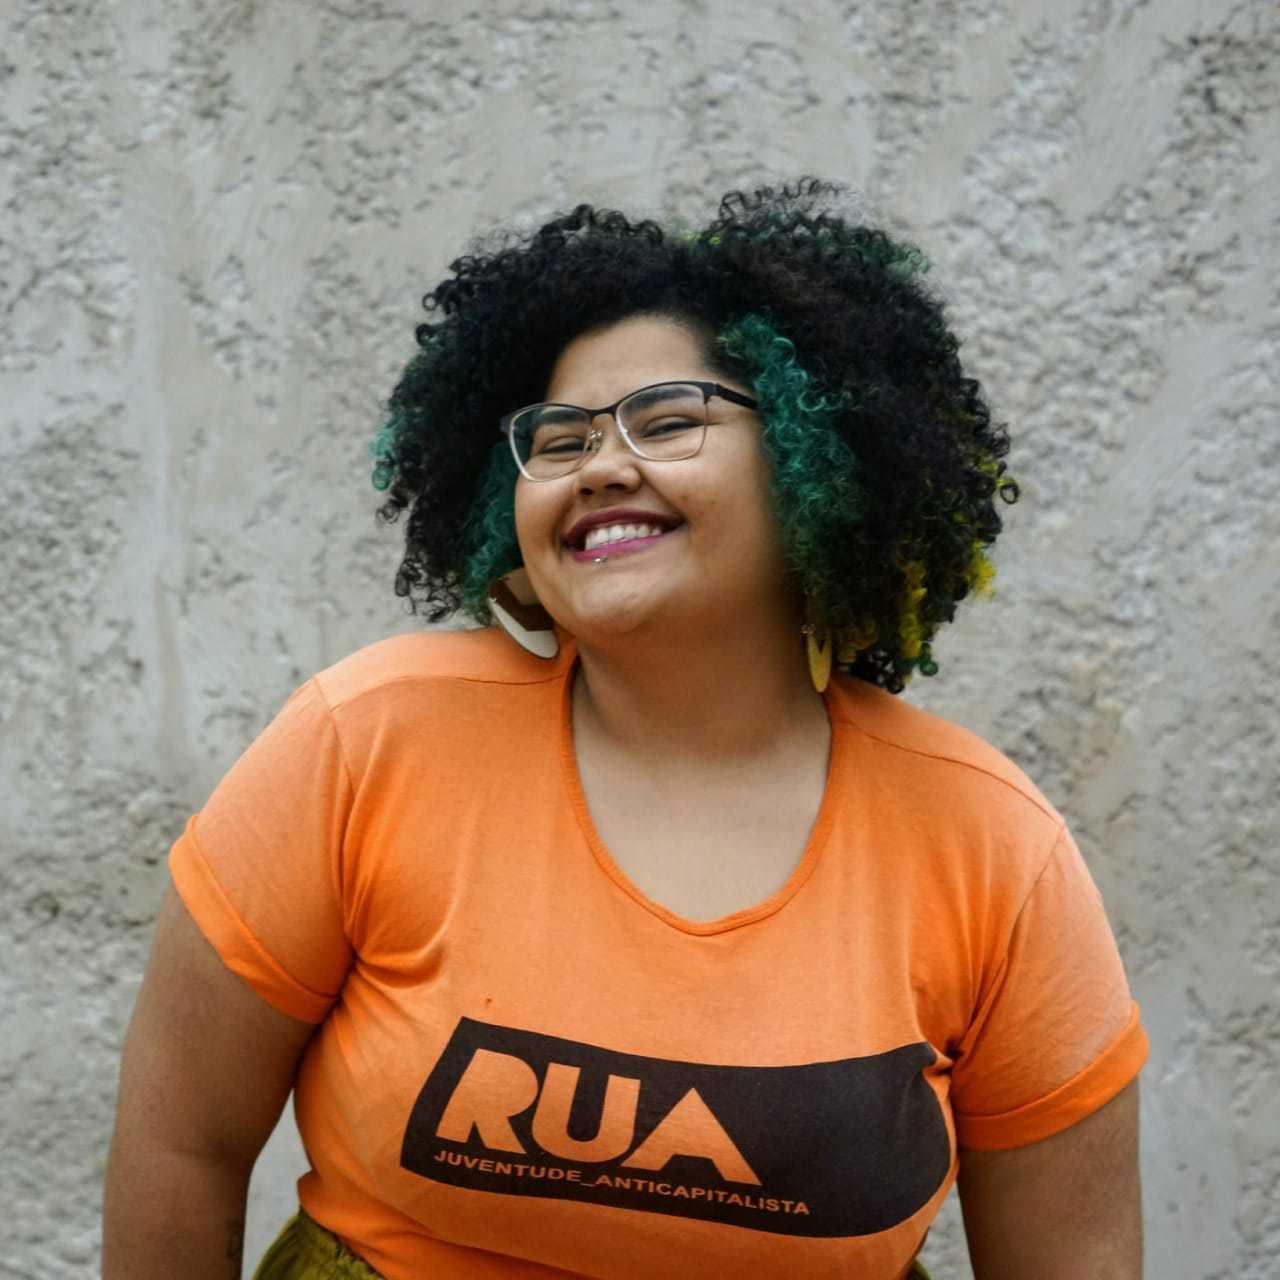 Estudante Agnes Viana também participa da campanha. (Foto: Arquivo Pessoal)